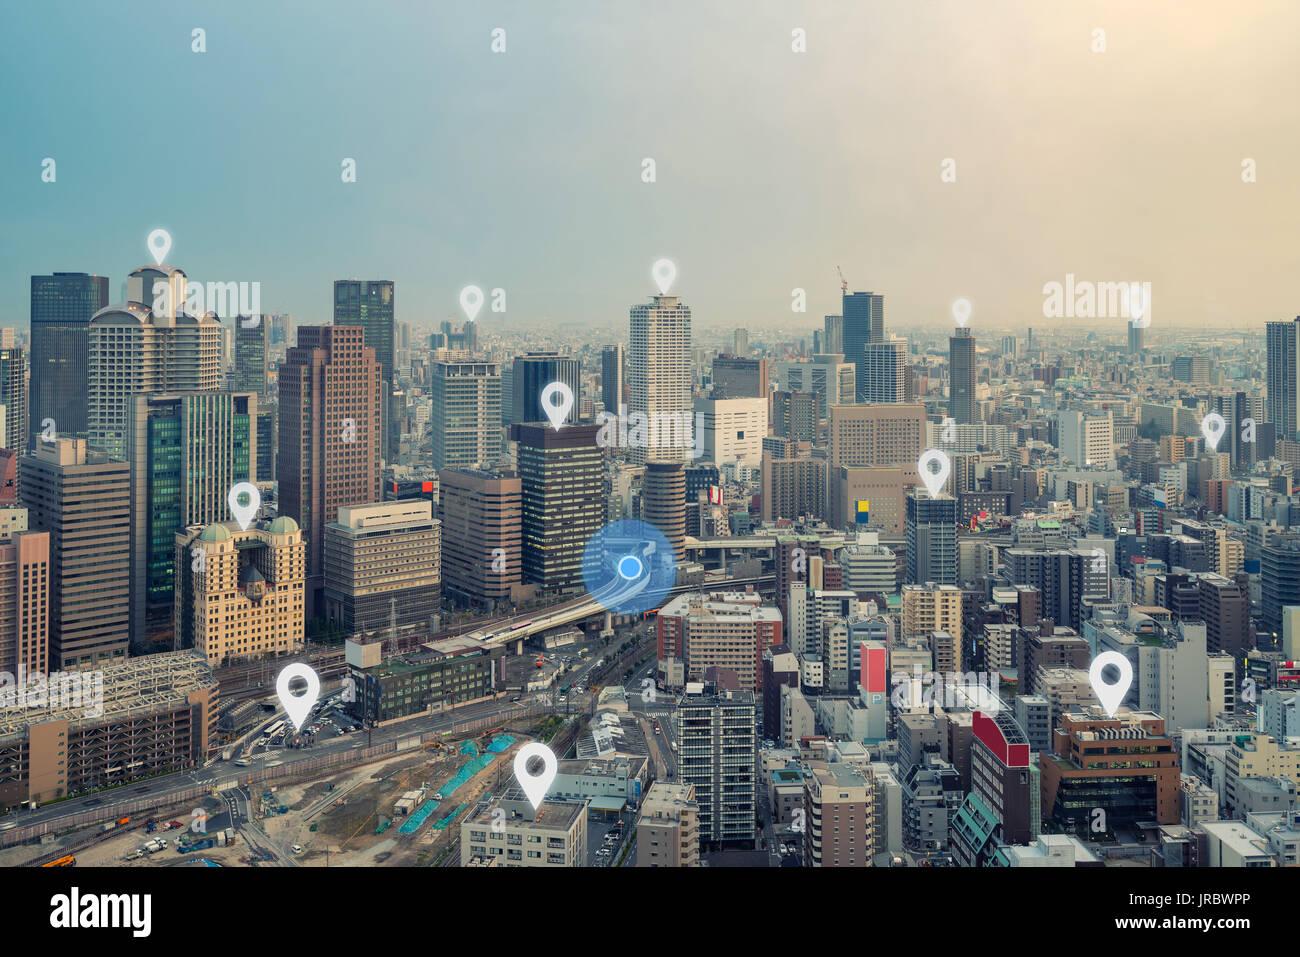 Búsqueda ubicación en el mapa y el pasador por encima de la ciudad de Osaka y de conexión de red, internet de las cosas, el concepto de sistema de navegación por satélite Imagen De Stock